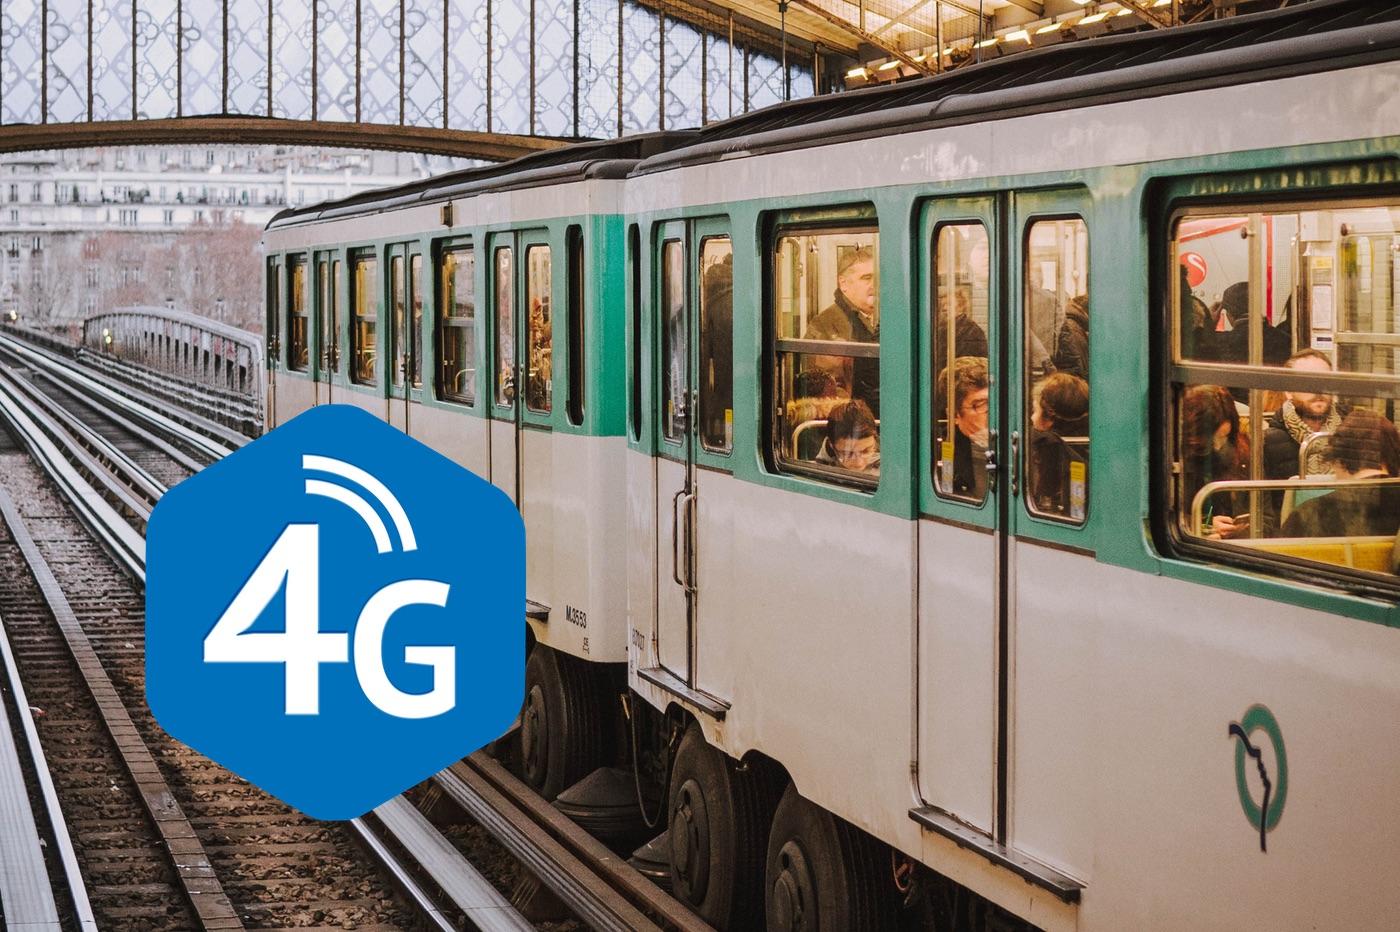 Bientôt l'intégralité du métro parisien couvert en 4G ? 1